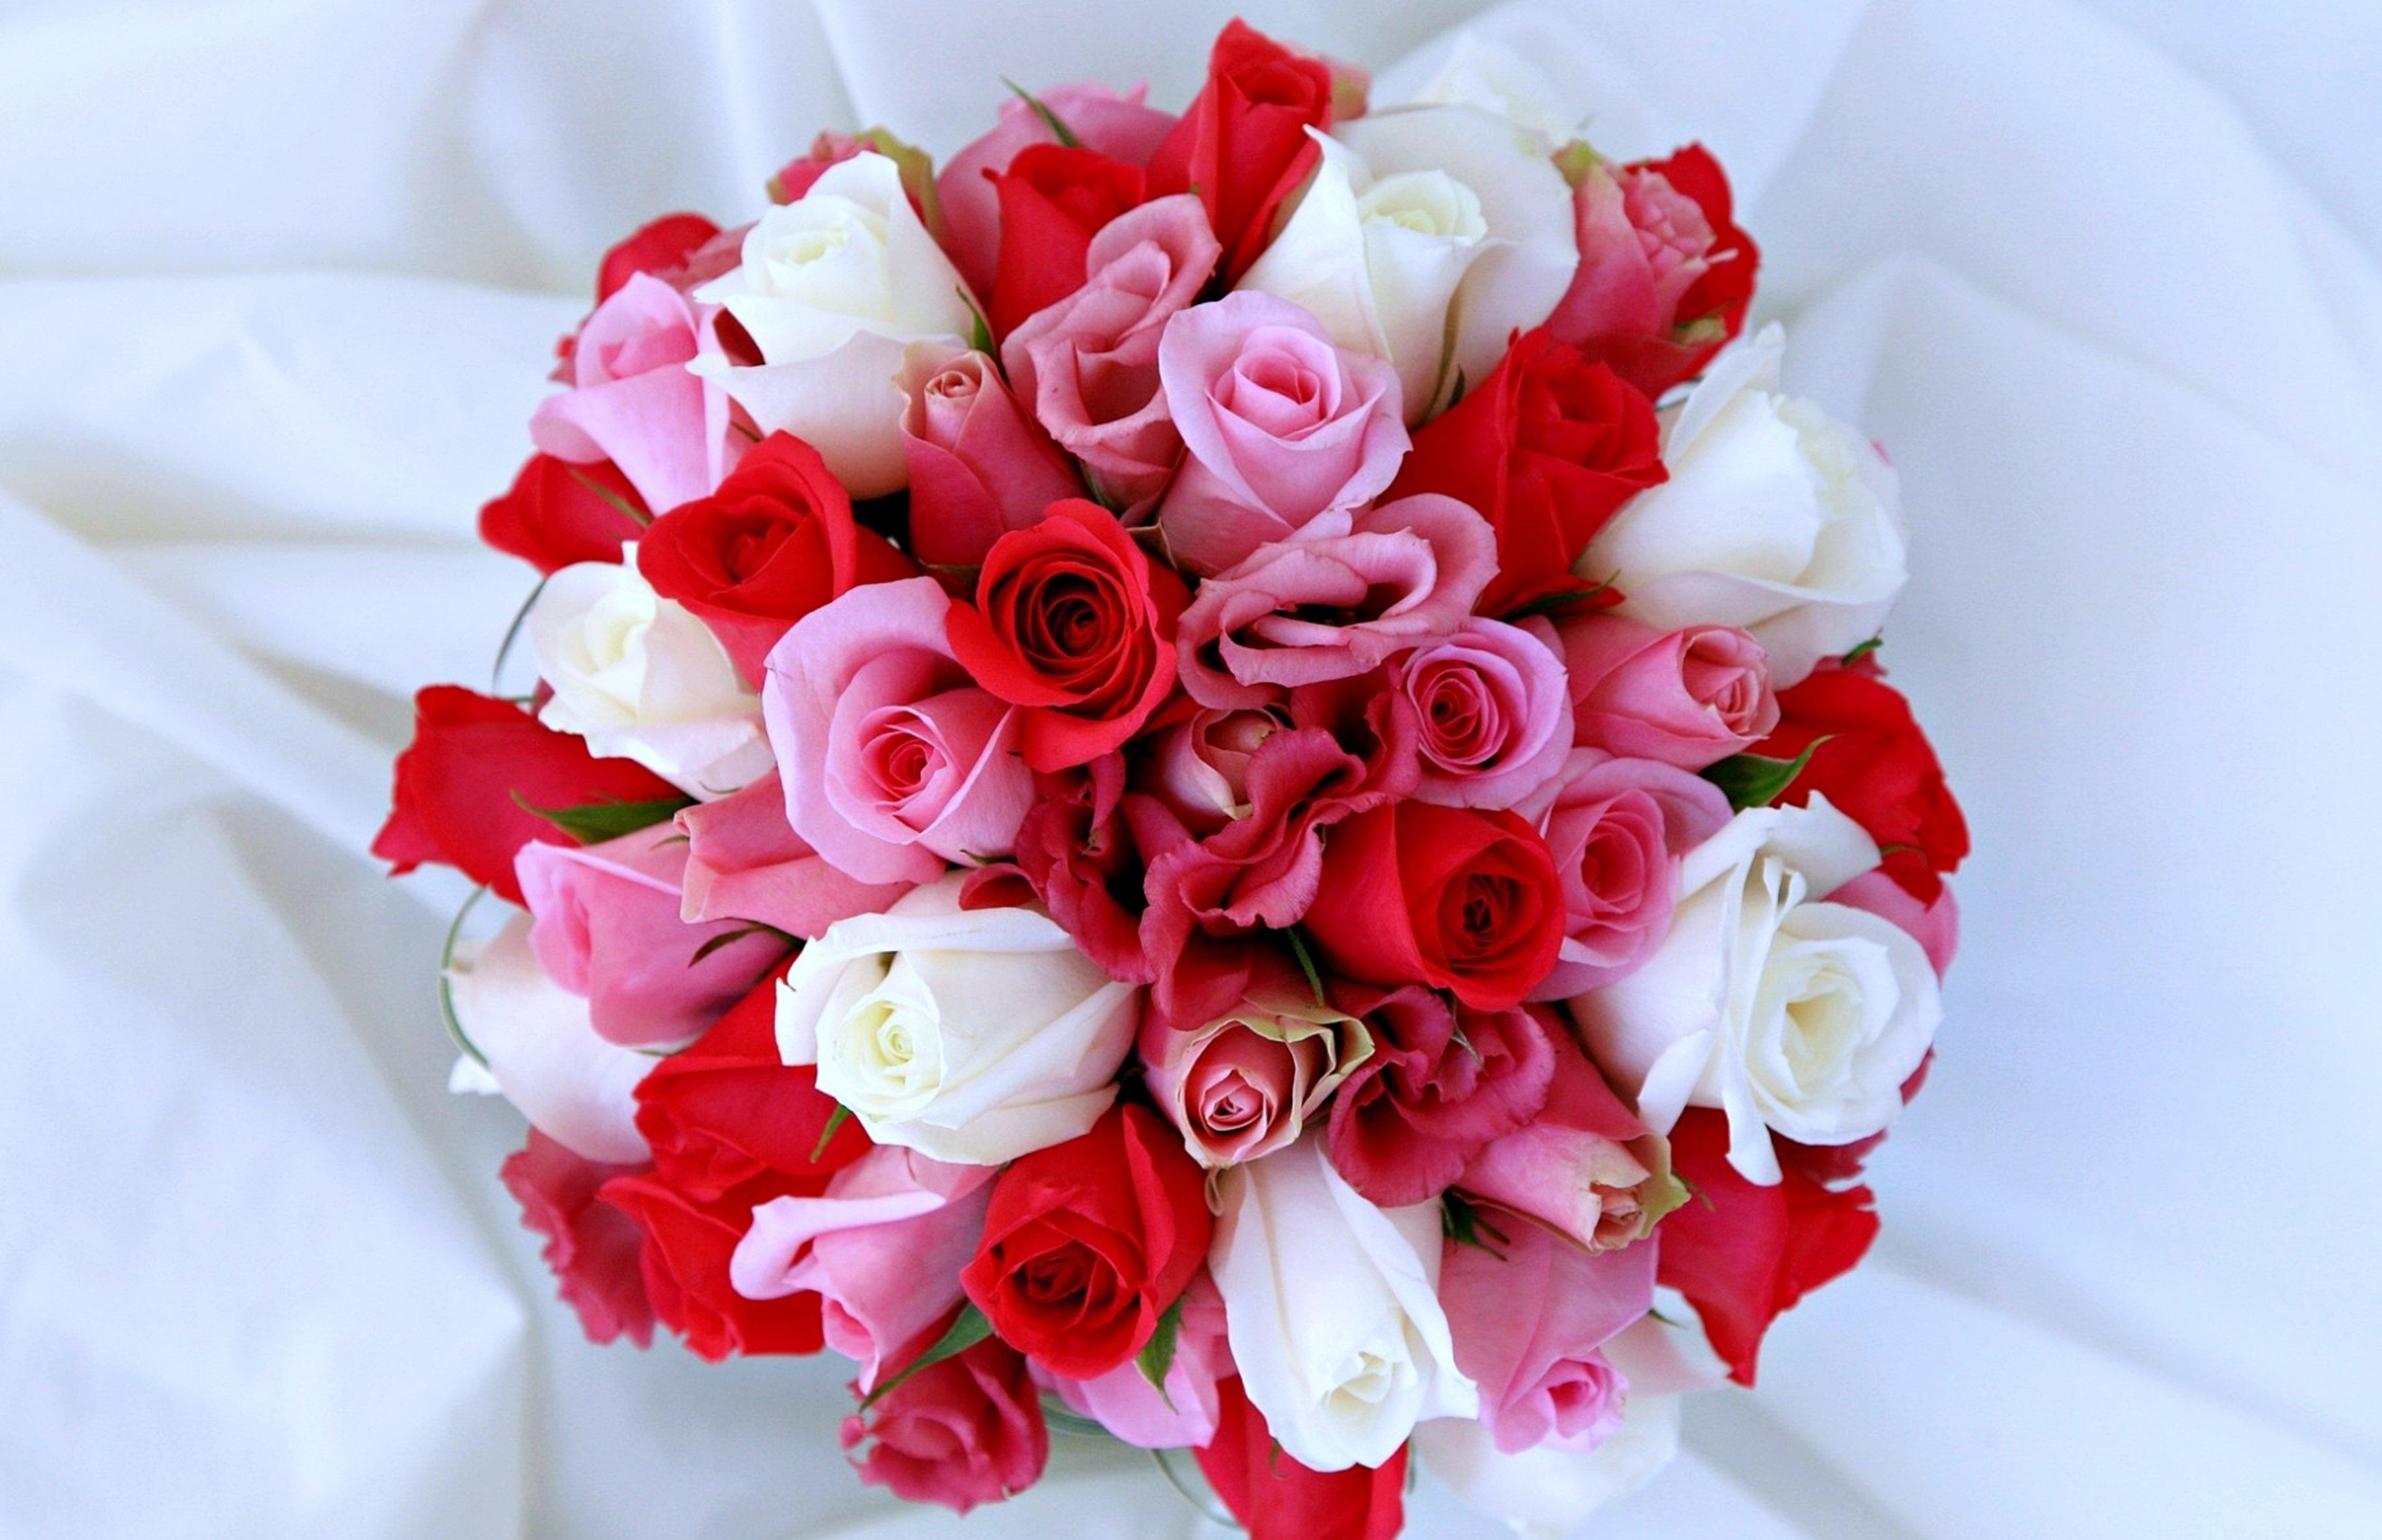 Flowers roses love couple bouquet ENGAGEMENT marriage romantice ...